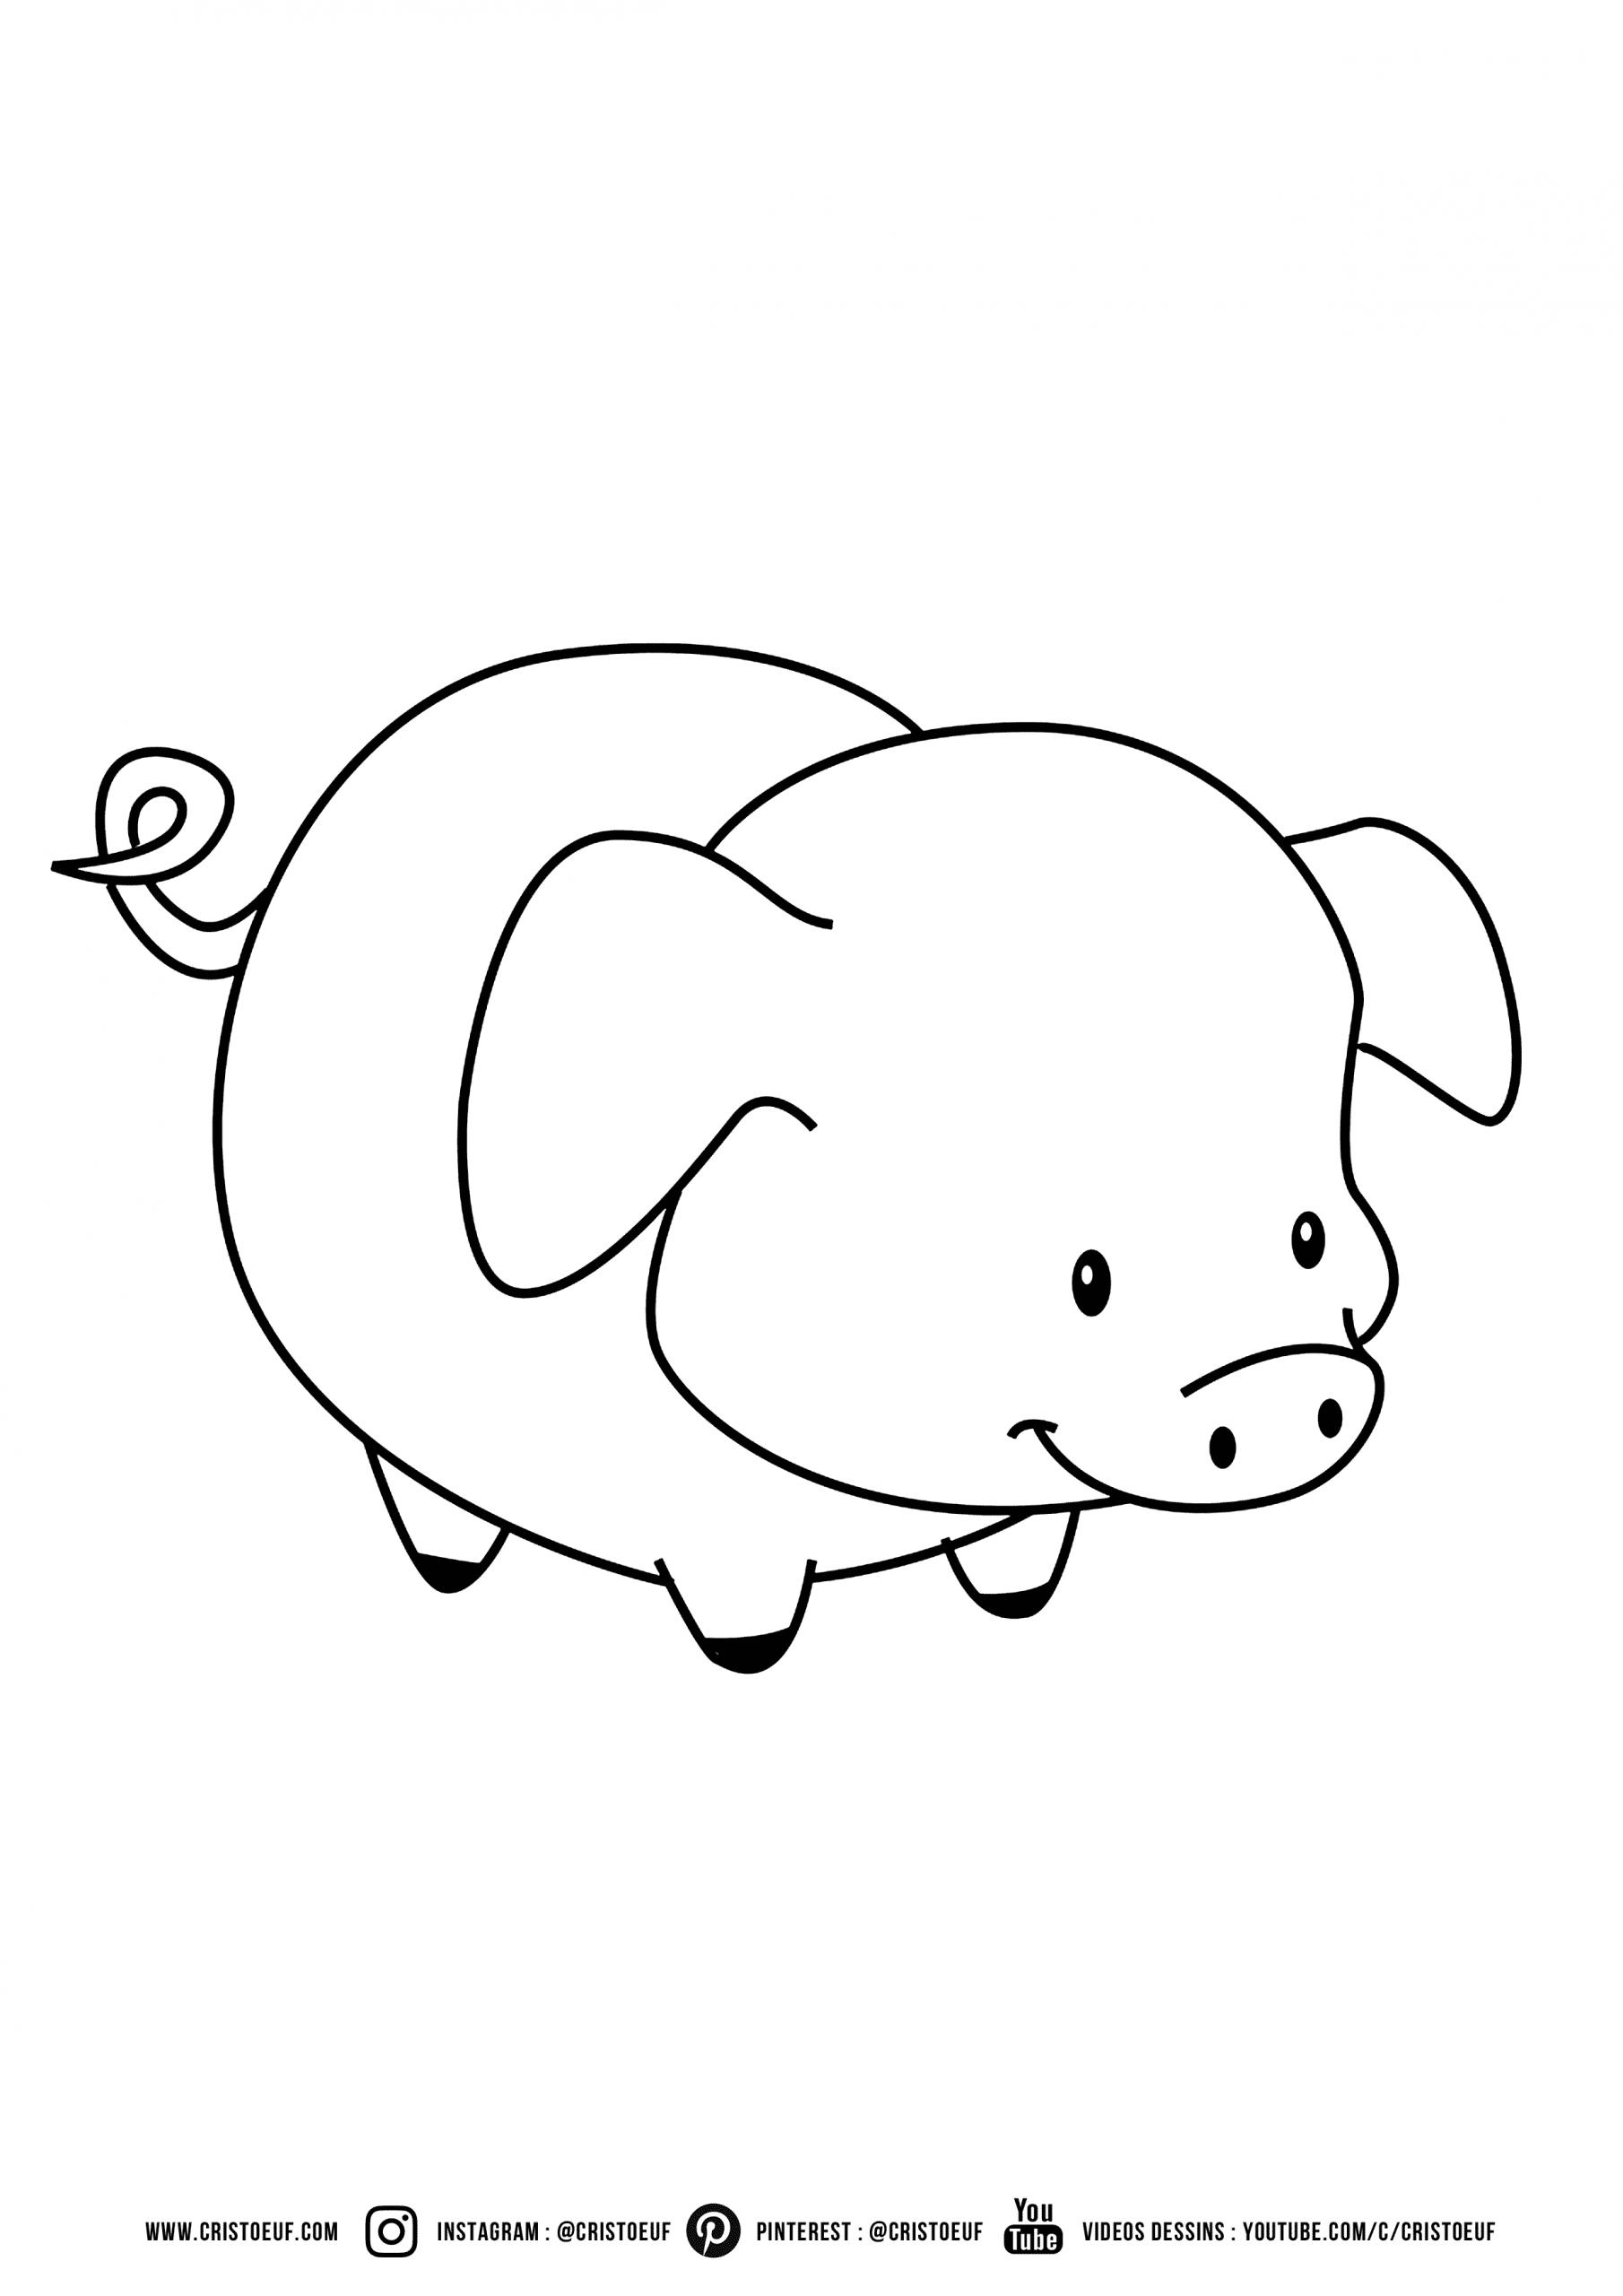 Coloriage À Imprimer Coloriages Pour Enfants À Colorier ! destiné Dessin Cochon A Colorier